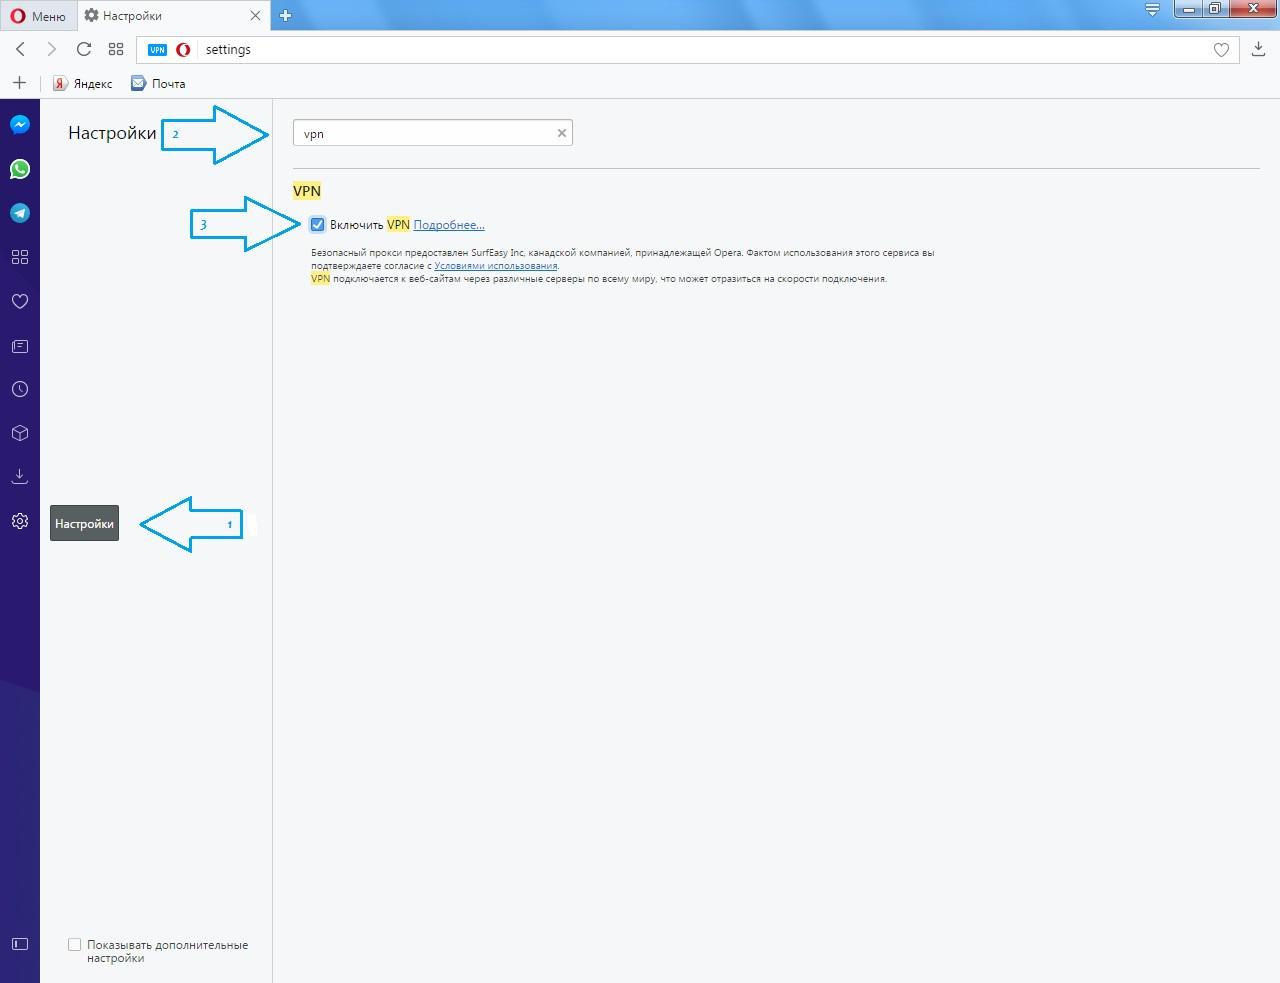 Обход блокировки запрещенных сайтов / Блокировка vk.com, ok.ru, mail.ru. 11 - lenium.ru